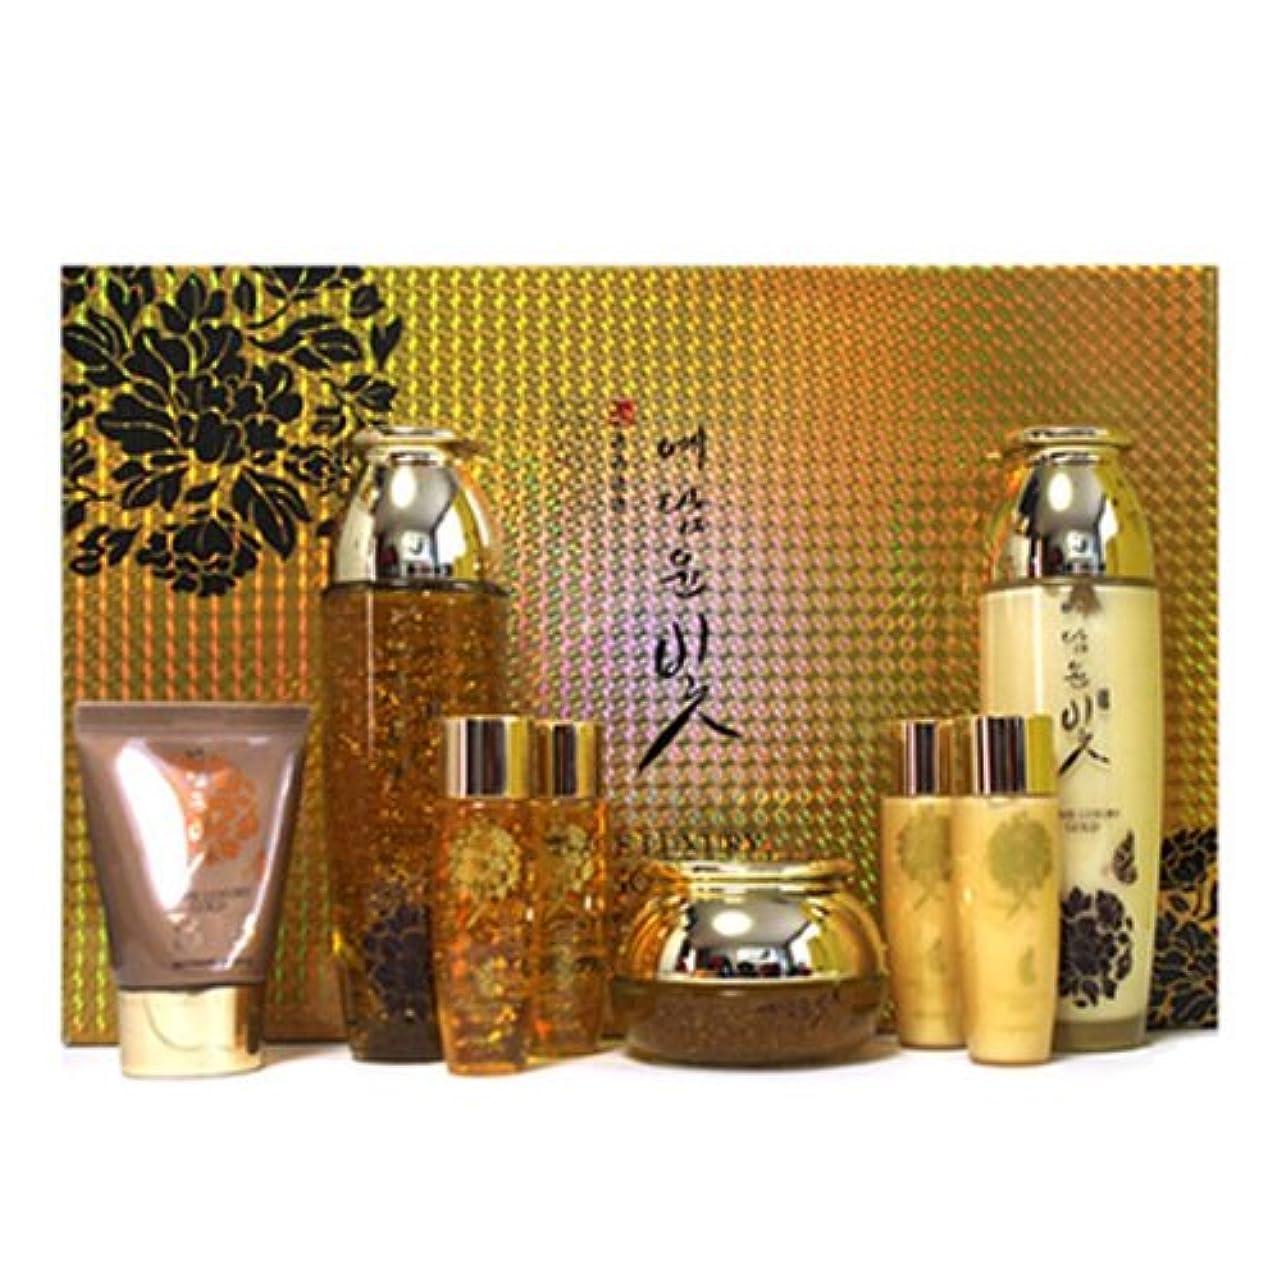 アジアペスト大事にするイェダムユンビト[韓国コスメYedam Yun Bit]Prime Luxury Gold Skin Care Set プライムラグジュアリーゴールドスキンケア4セット 樹液 乳液 クリーム/ BBクリーム [並行輸入品]